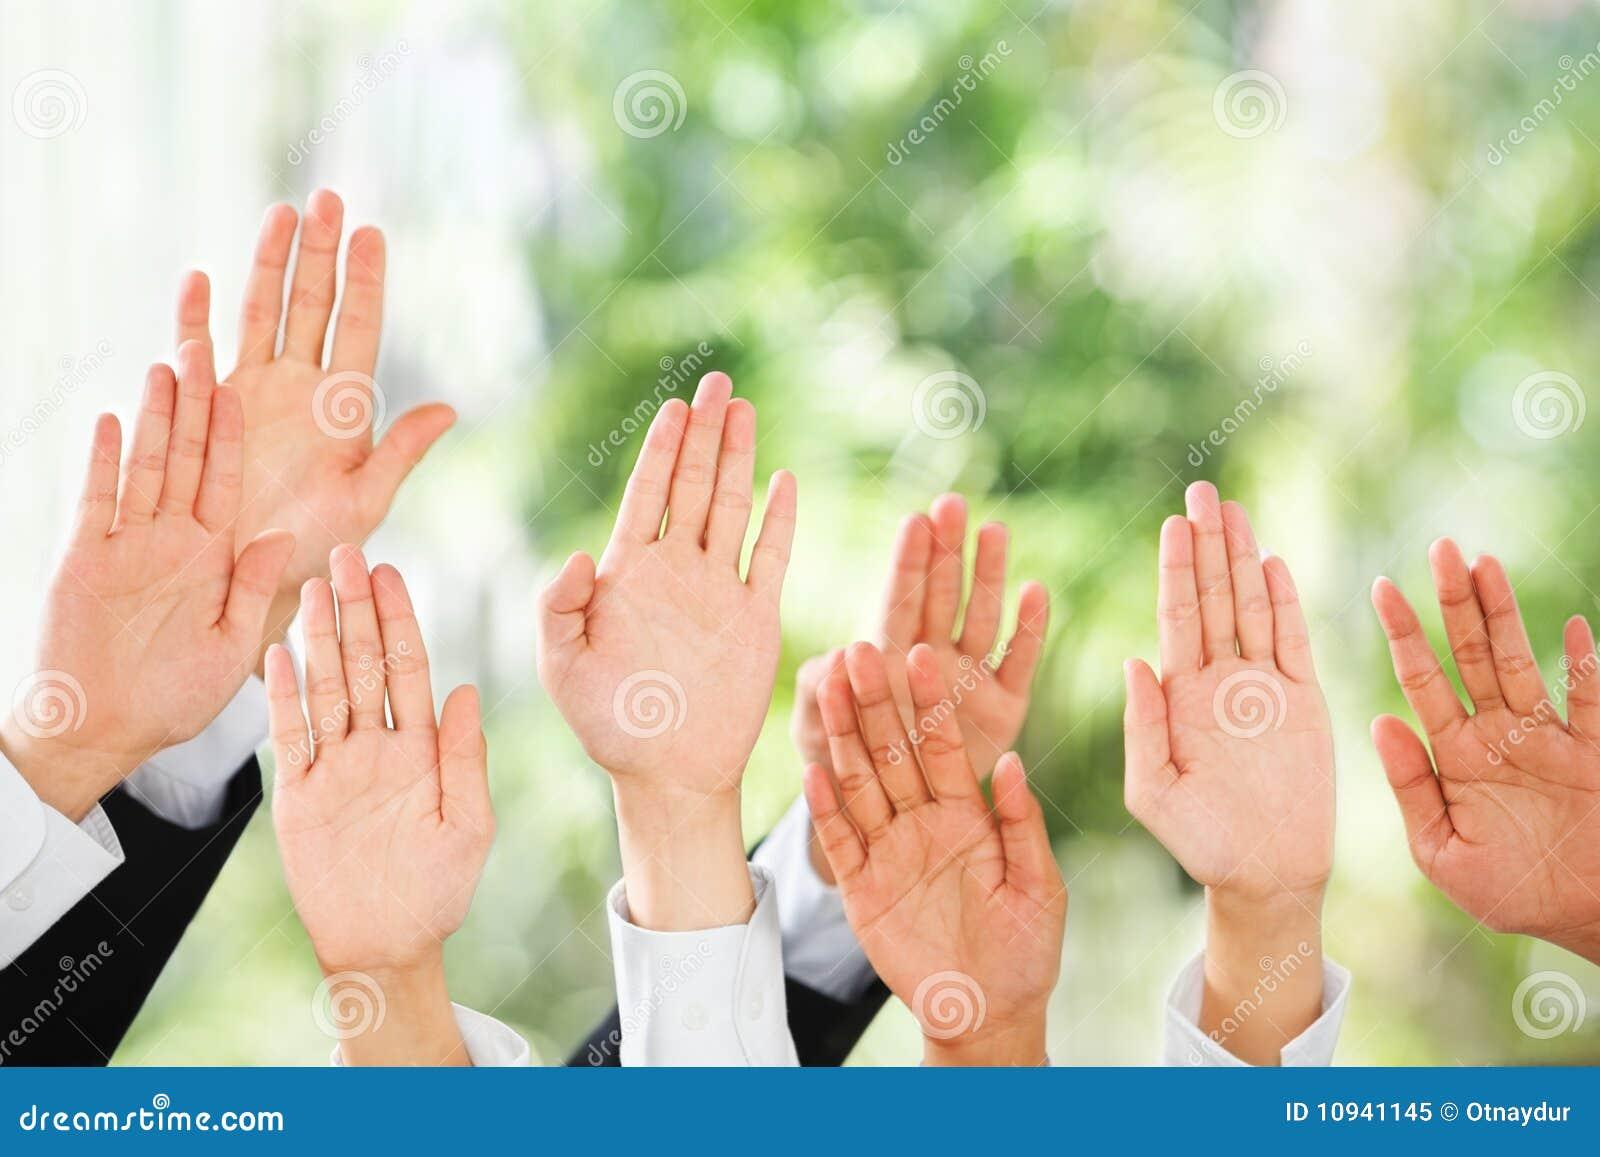 руки предпосылки зеленые над людьми поднимают их поднимающее вверх